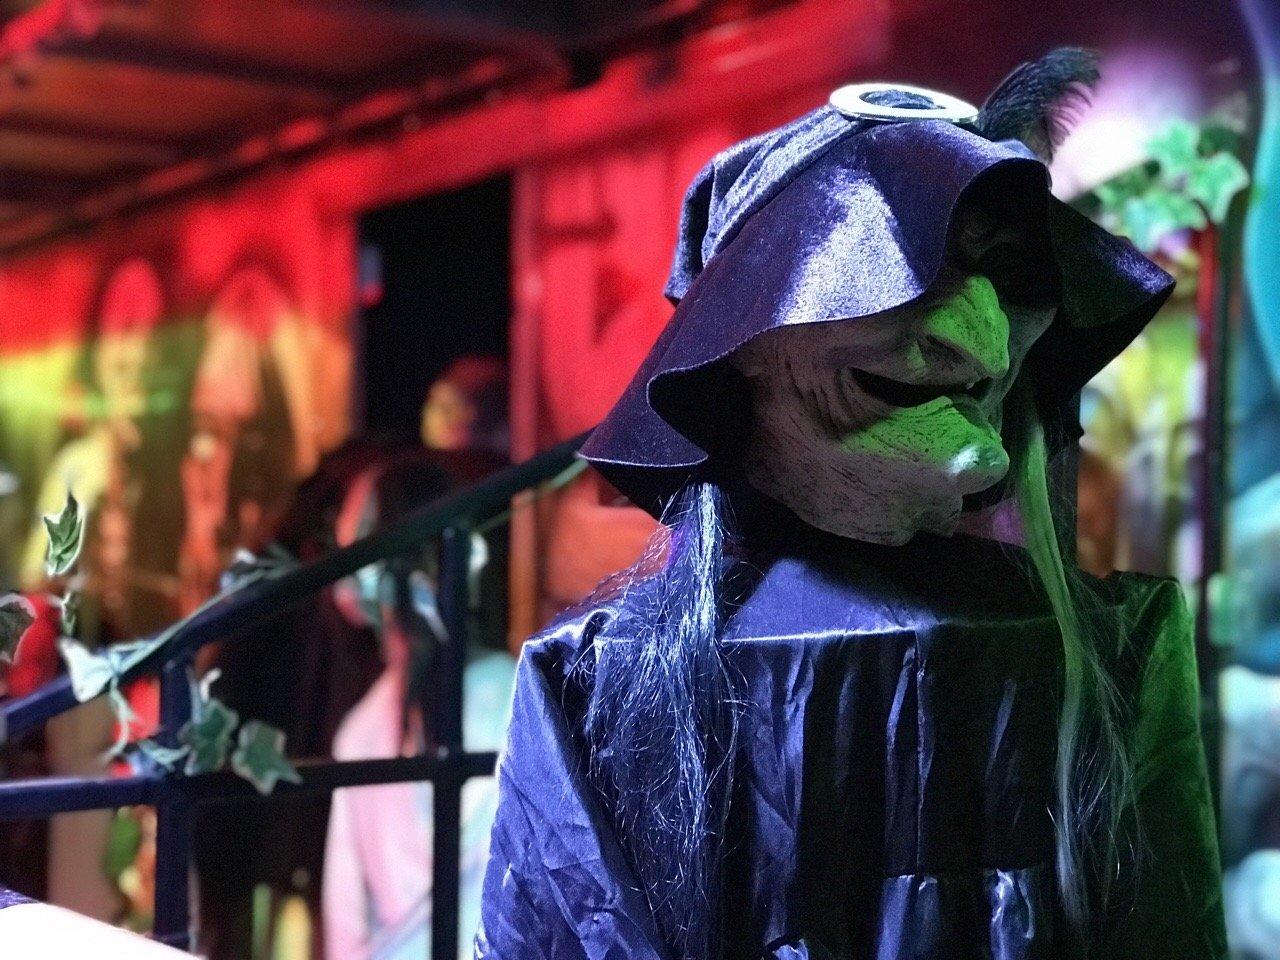 Barleylands Halloween - Halloween events in Essex